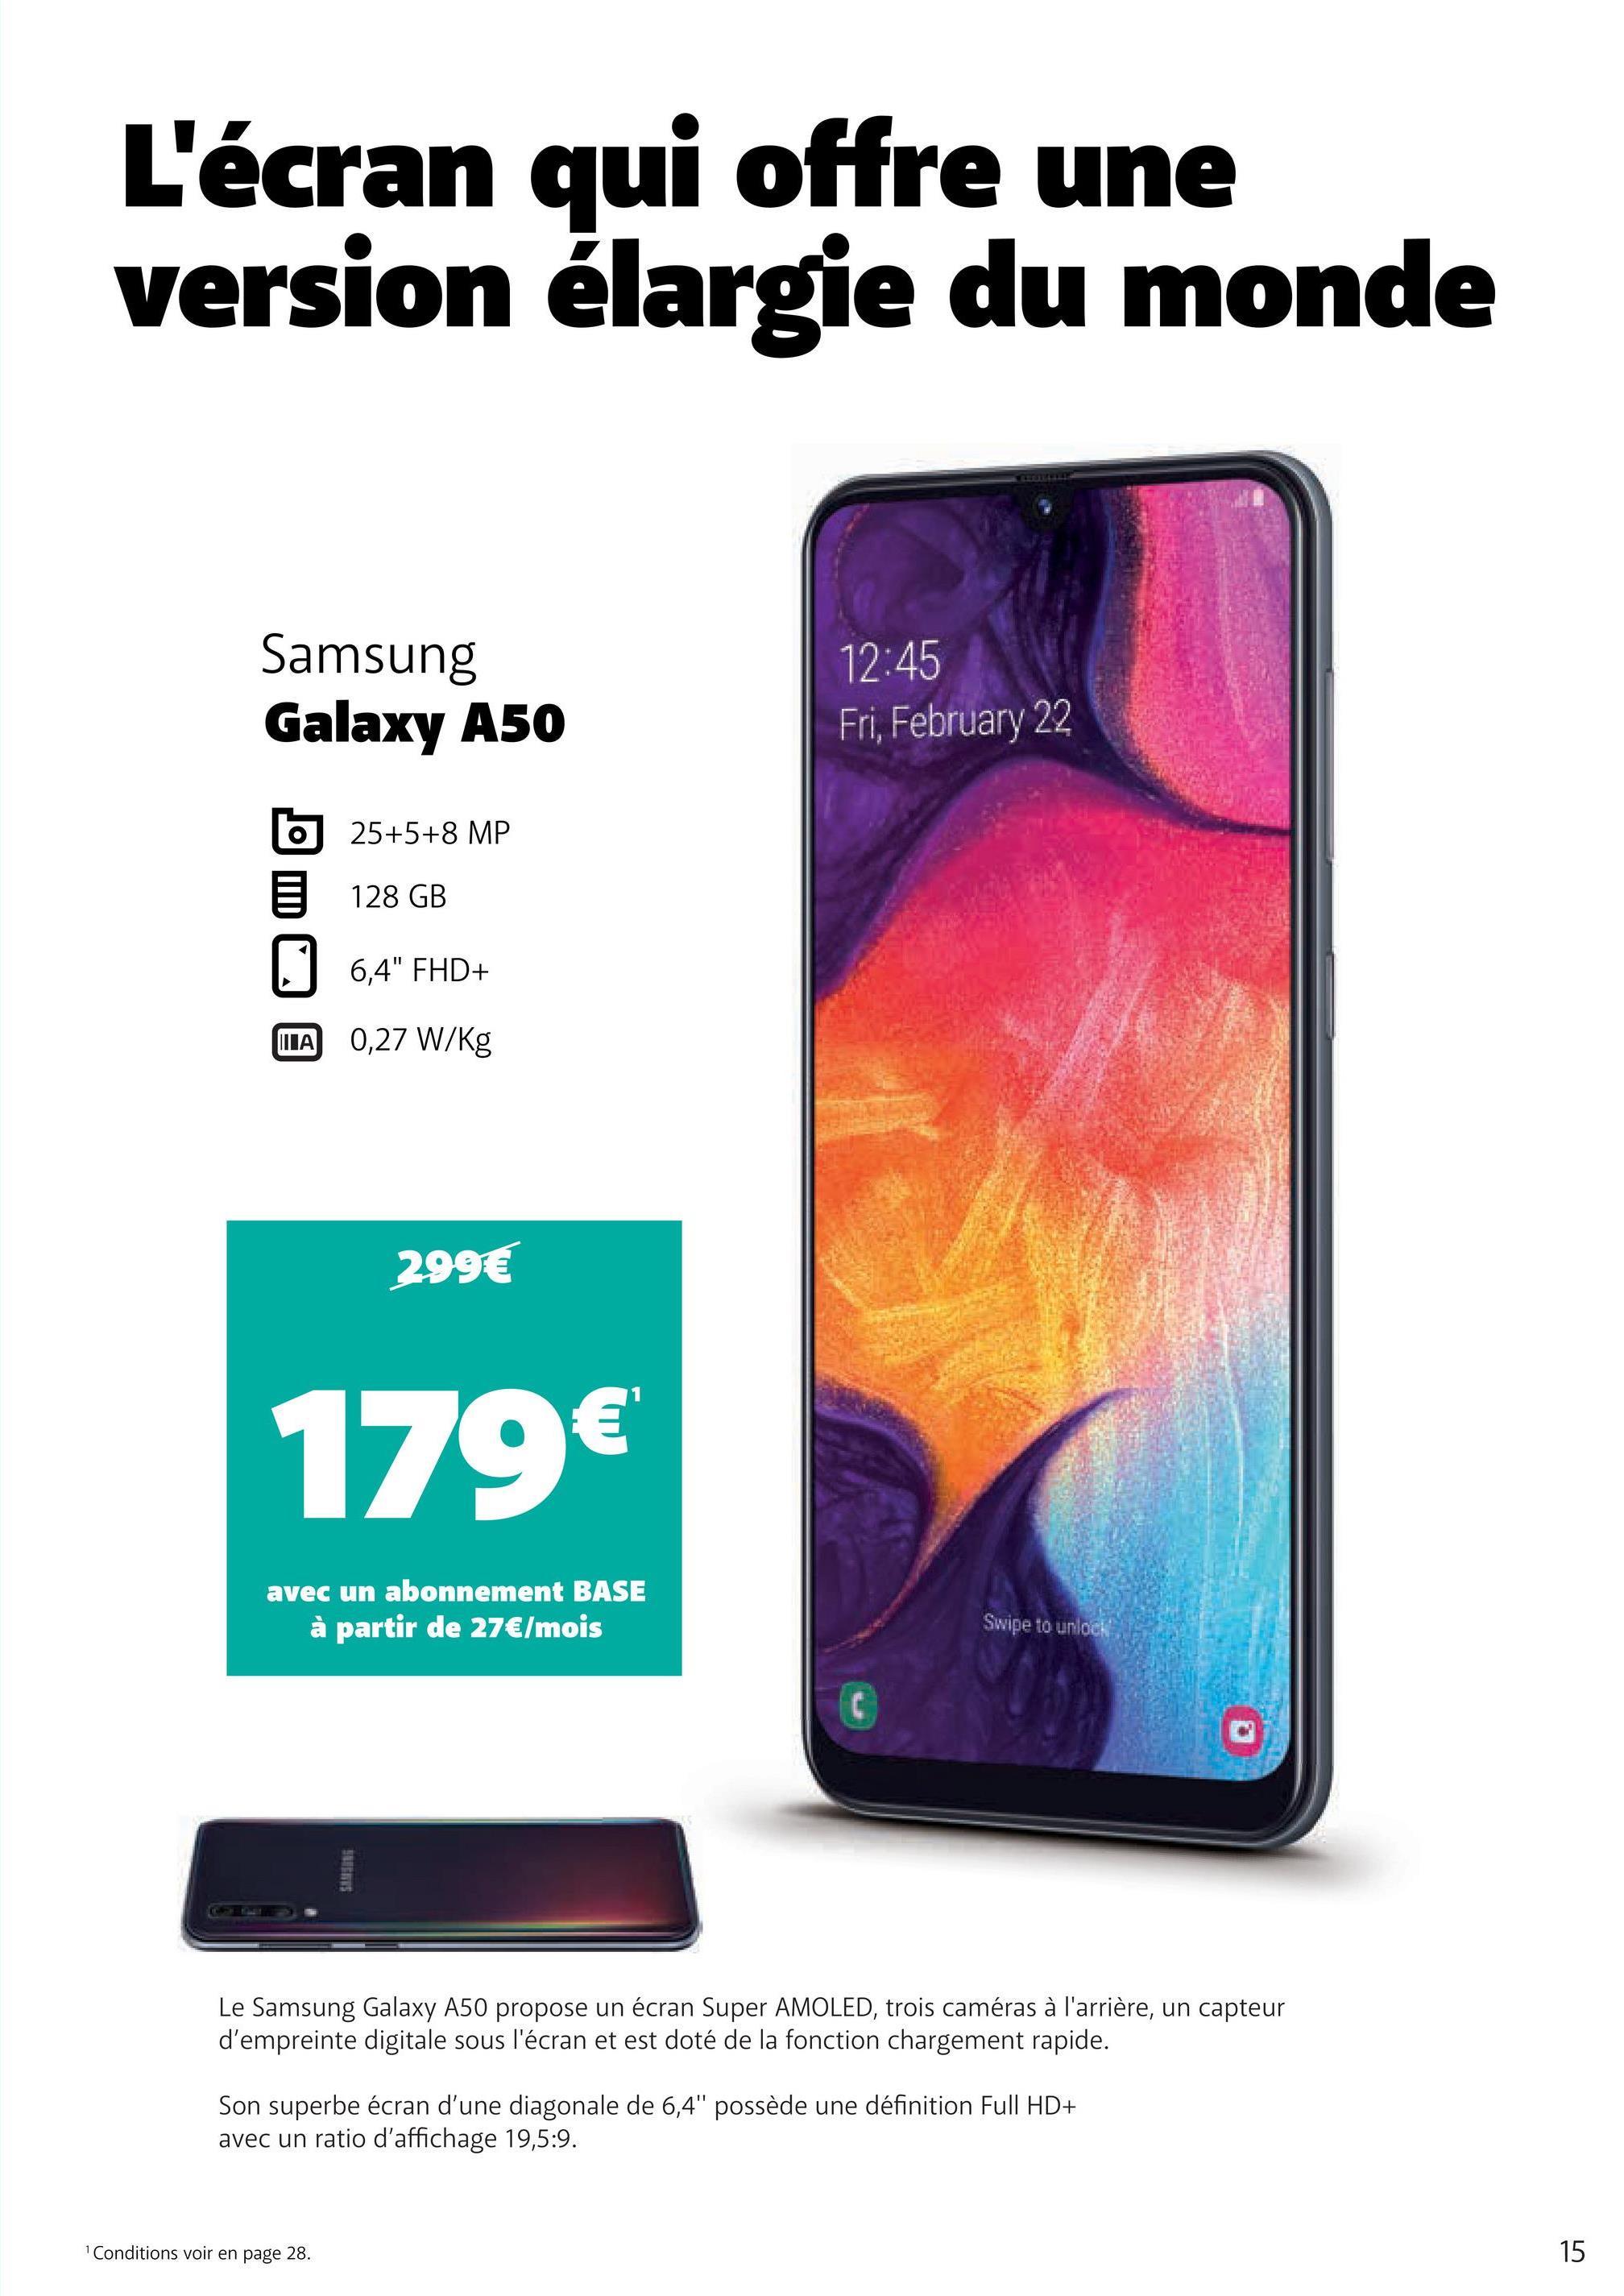 """L'écran qui offre une version élargie du monde Samsung Galaxy A50 12:45 Fri, February 22 6 25+5+8 MP 128 GB 1, 1 6,4"""" FHD+ TA 0,27 W/kg 299€ 179€ avec un abonnement BASE à partir de 27€/mois Swipe to unlock Le Samsung Galaxy A50 propose un écran Super AMOLED, trois caméras à l'arrière, un capteur d'empreinte digitale sous l'écran et est doté de la fonction chargement rapide. Son superbe écran d'une diagonale de 6,4"""" possède une définition Full HD+ avec un ratio d'affichage 19,5:9. Conditions voir en page 28. 15"""